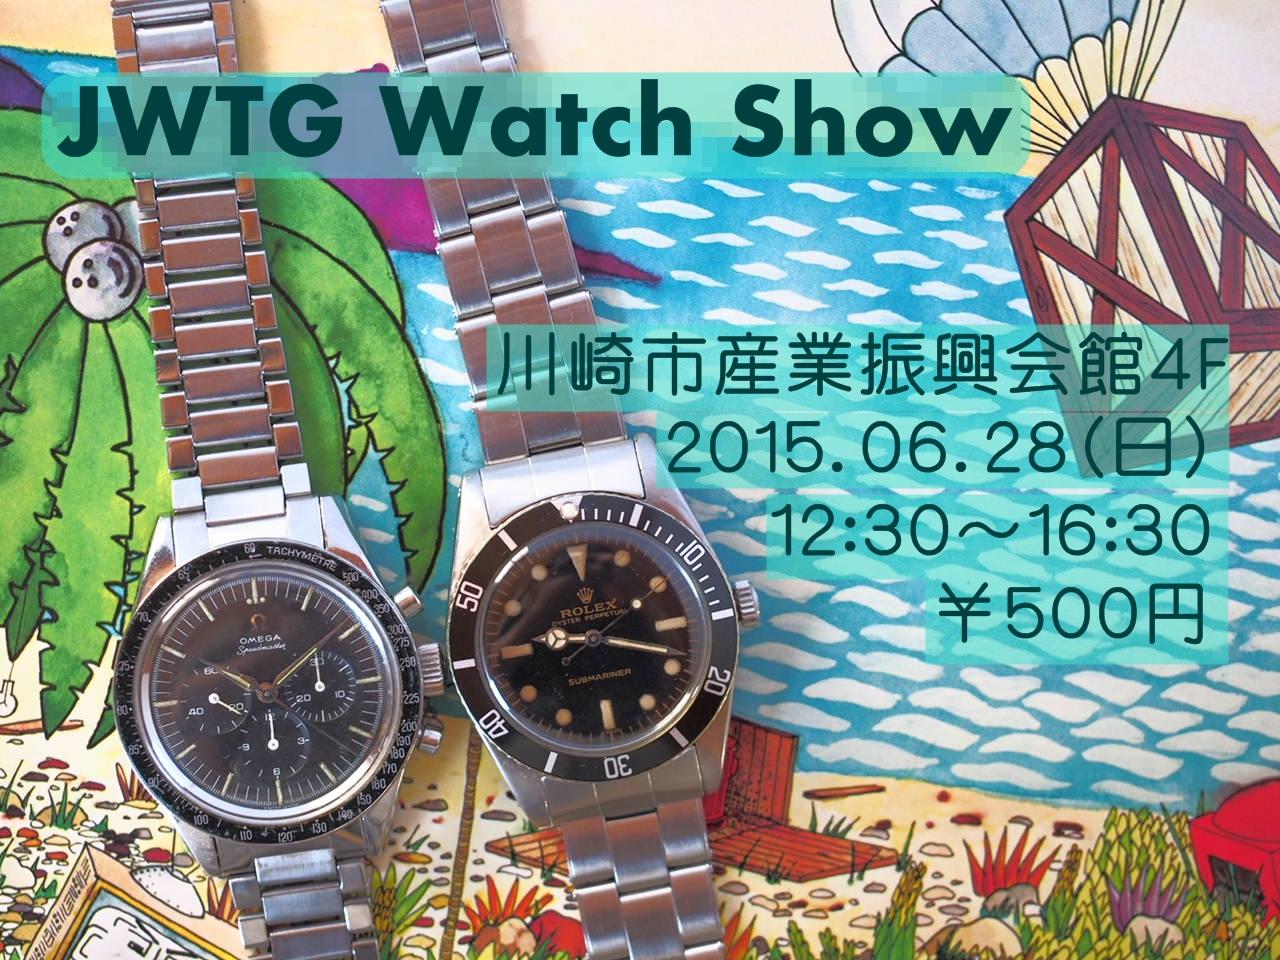 第18回 JWTG watch show開催!当店も出店します!